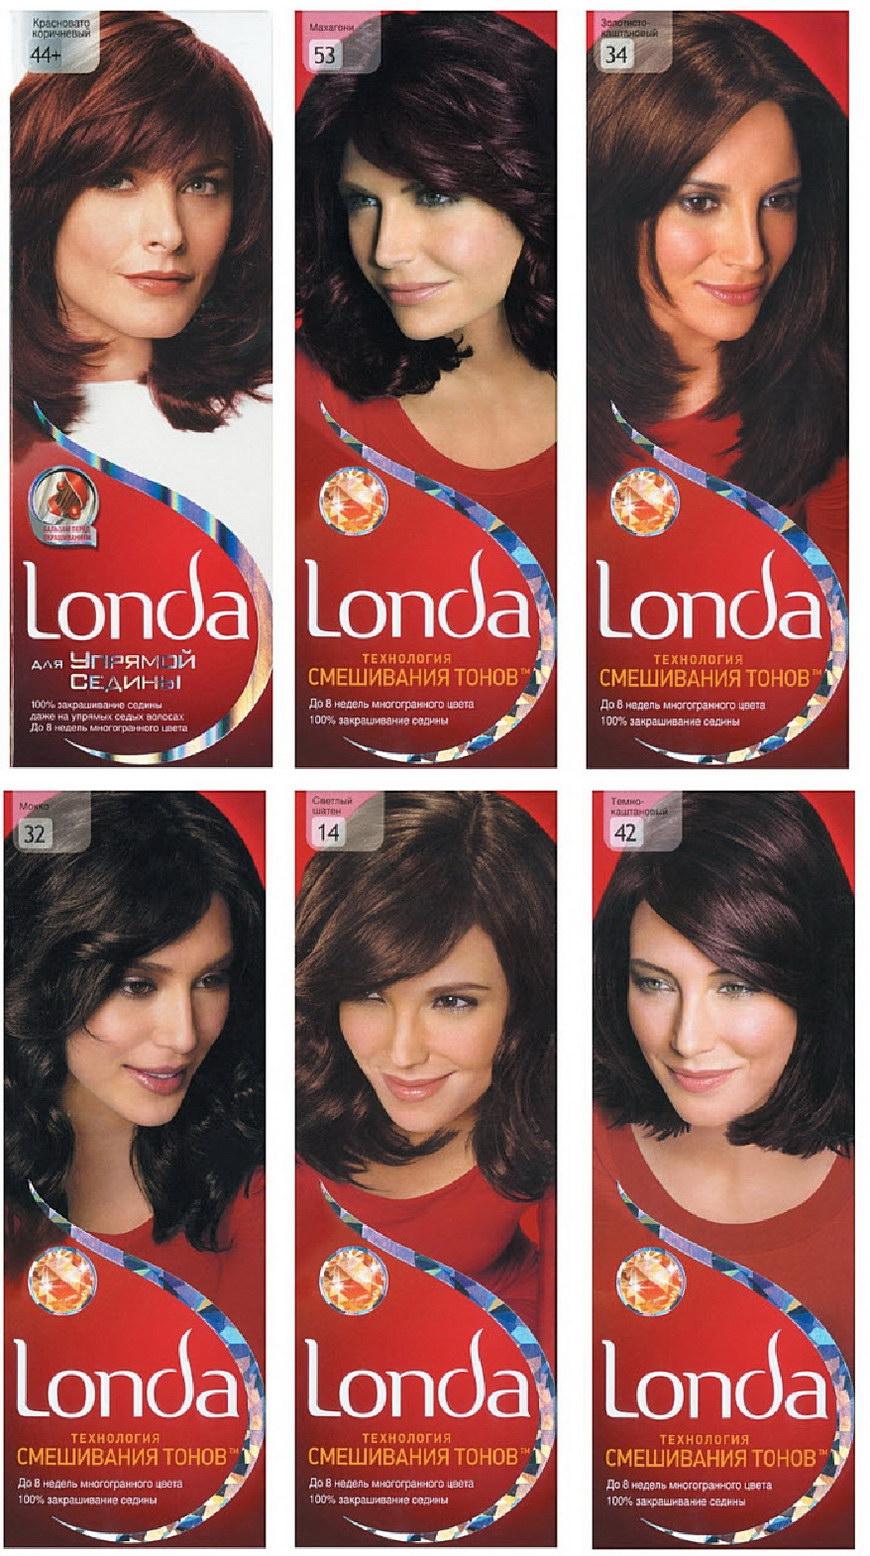 лонда краска для волос палитра фото комфортом ездить дачу